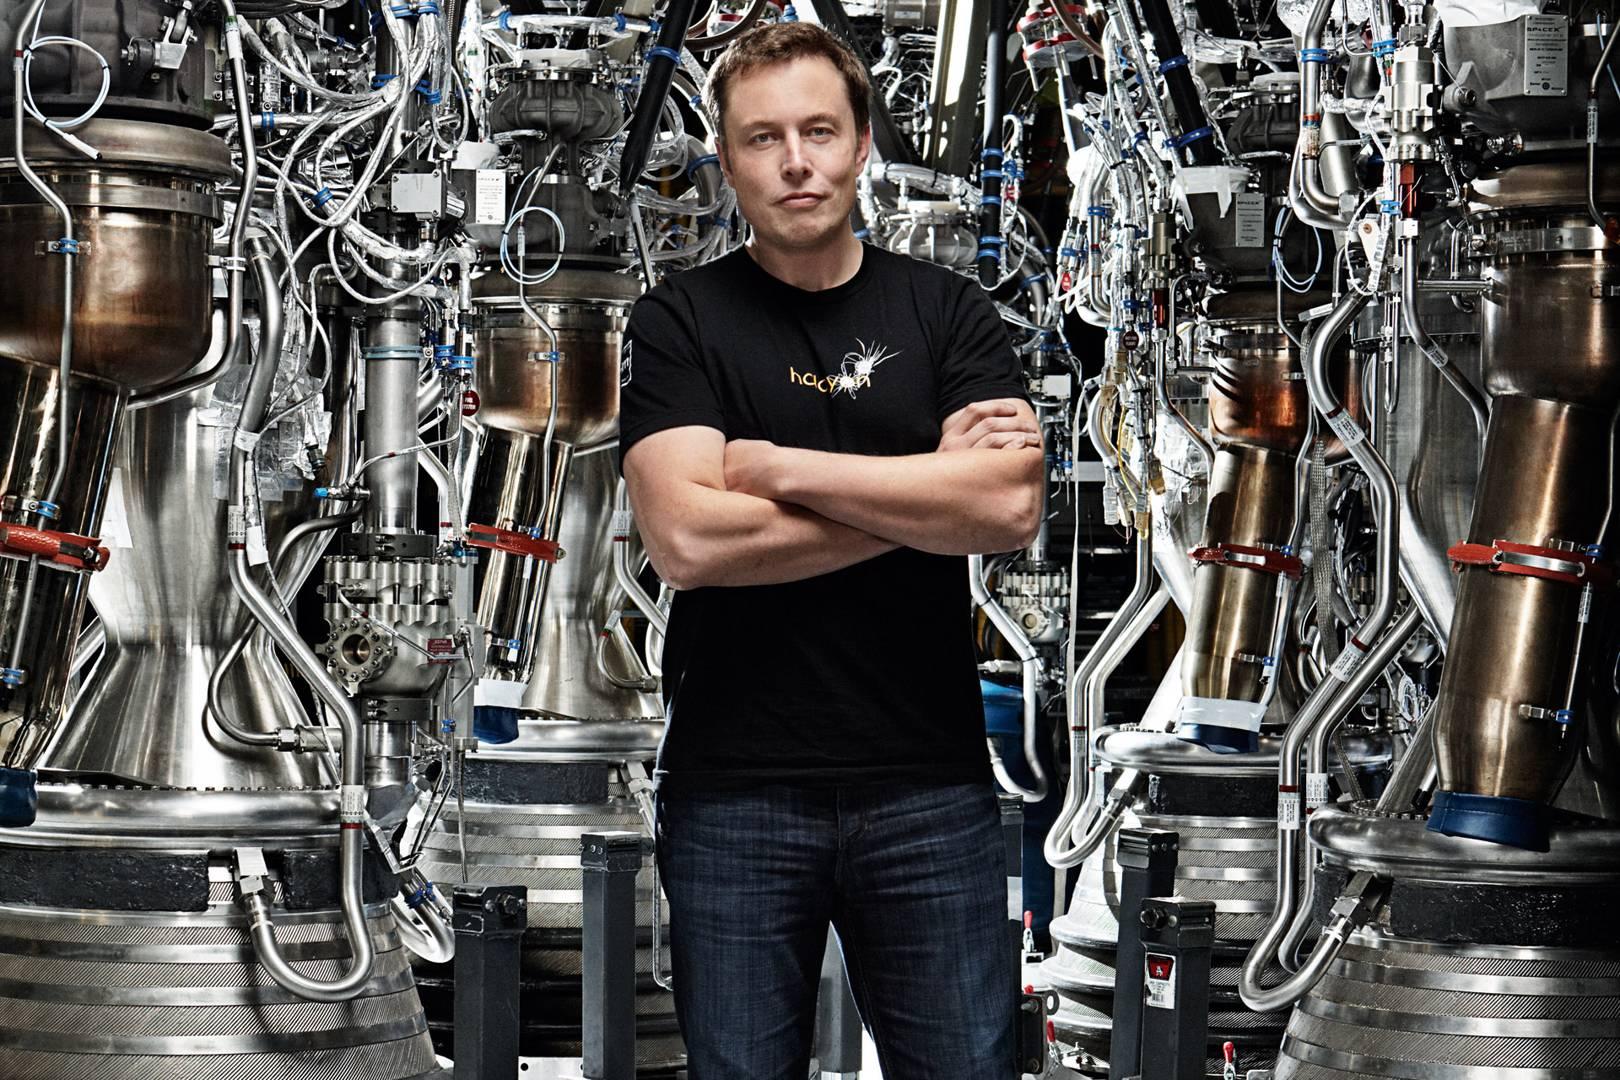 Elon Musk kötü biri mi yoksa bir kahraman mı?